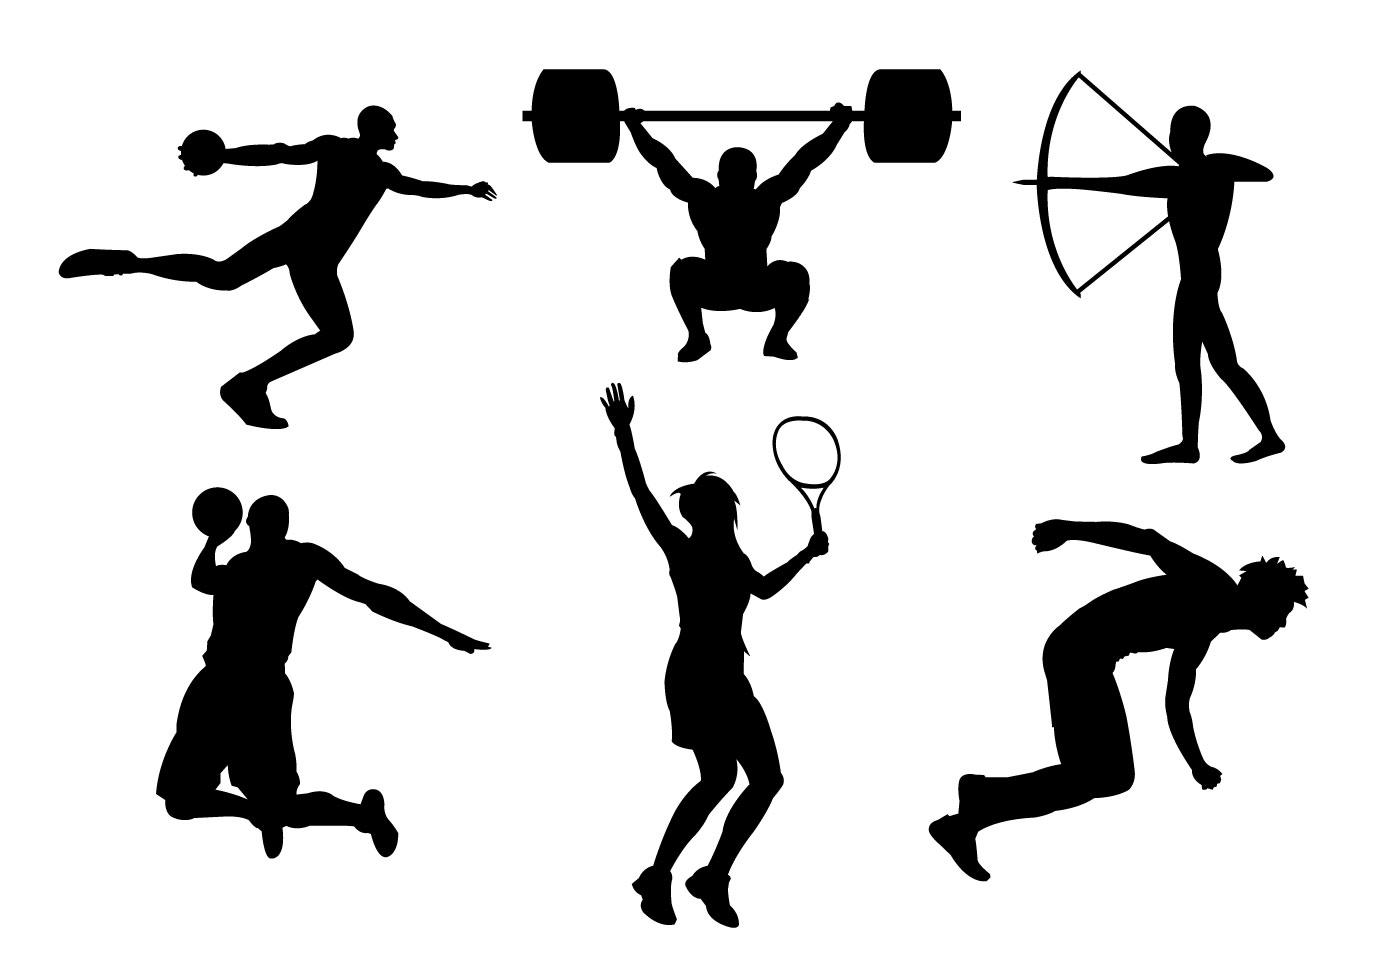 спортсмены картинки в векторе